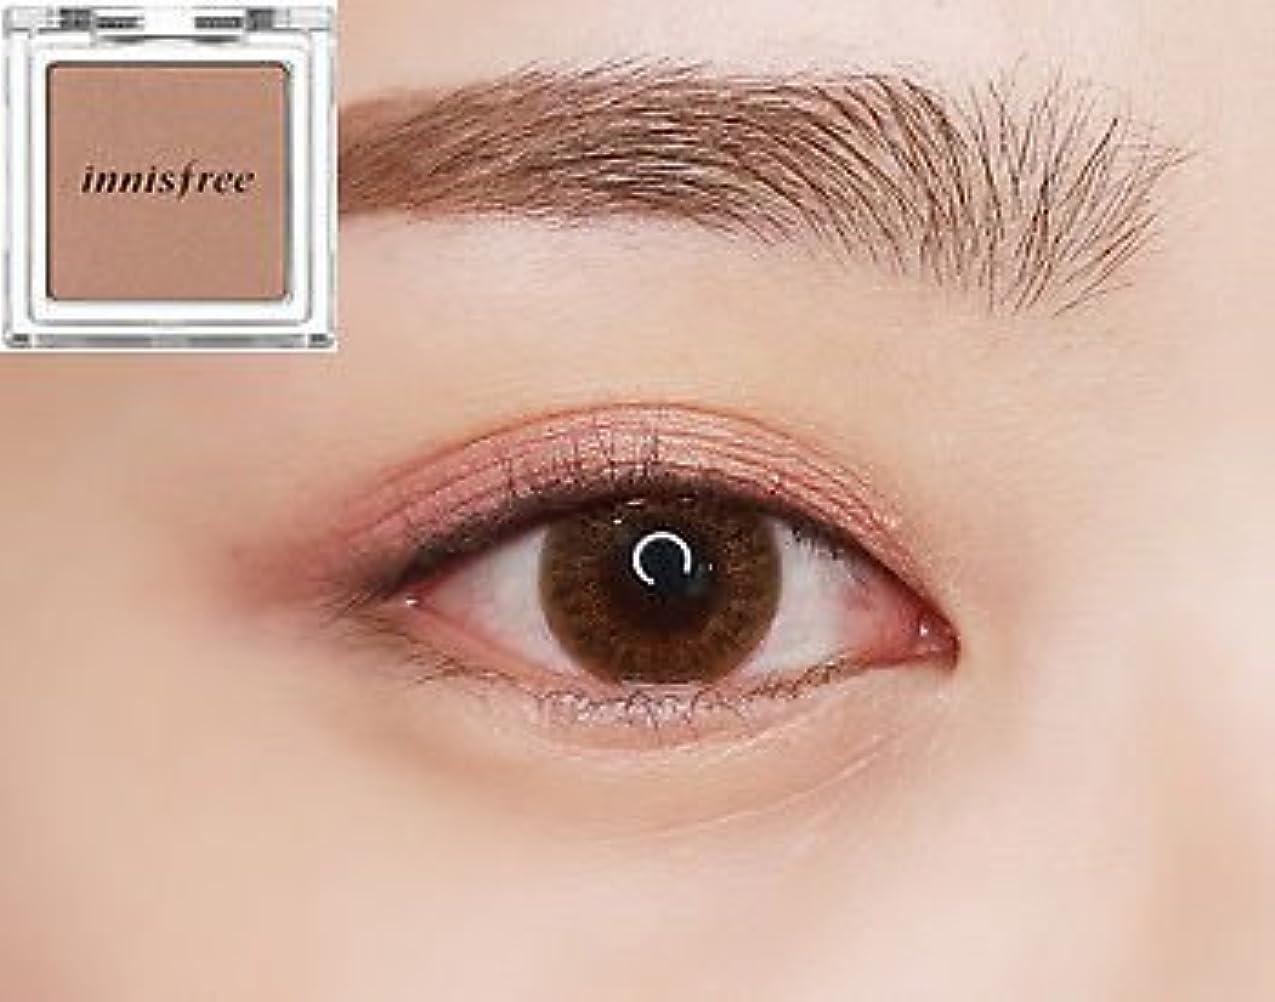 じゃないかなりのカレッジ[イニスフリー] innisfree [マイ パレット マイ アイシャドウ (シマ一) 39カラー] MY PALETTE My Eyeshadow (Shimmer) 39 Shades [海外直送品] (シマ一 #06)